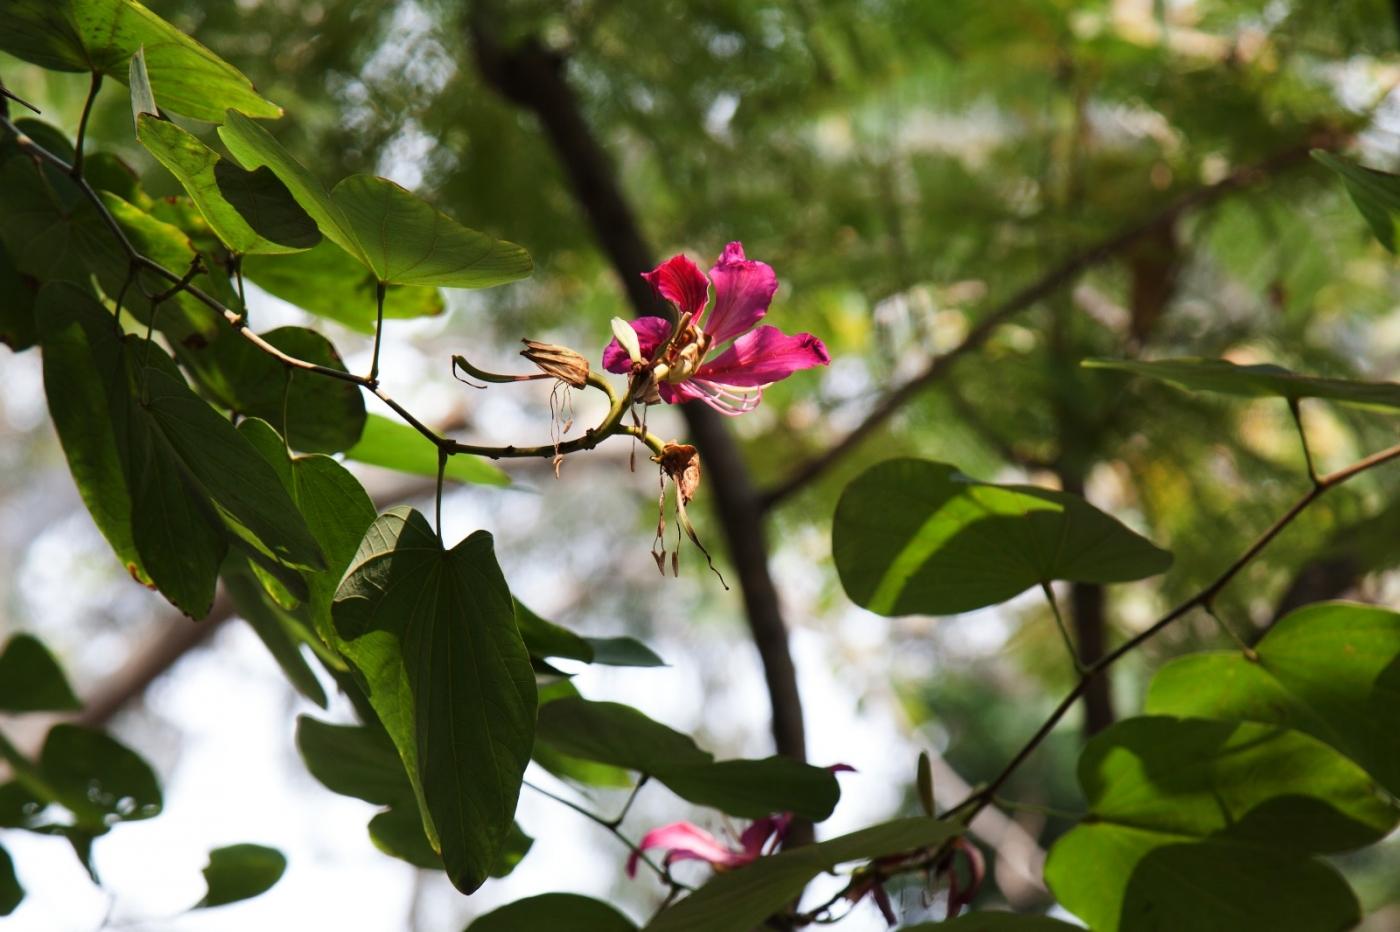 福州西湖公园,美景如画,赏心悦目,流连忘返_图1-21